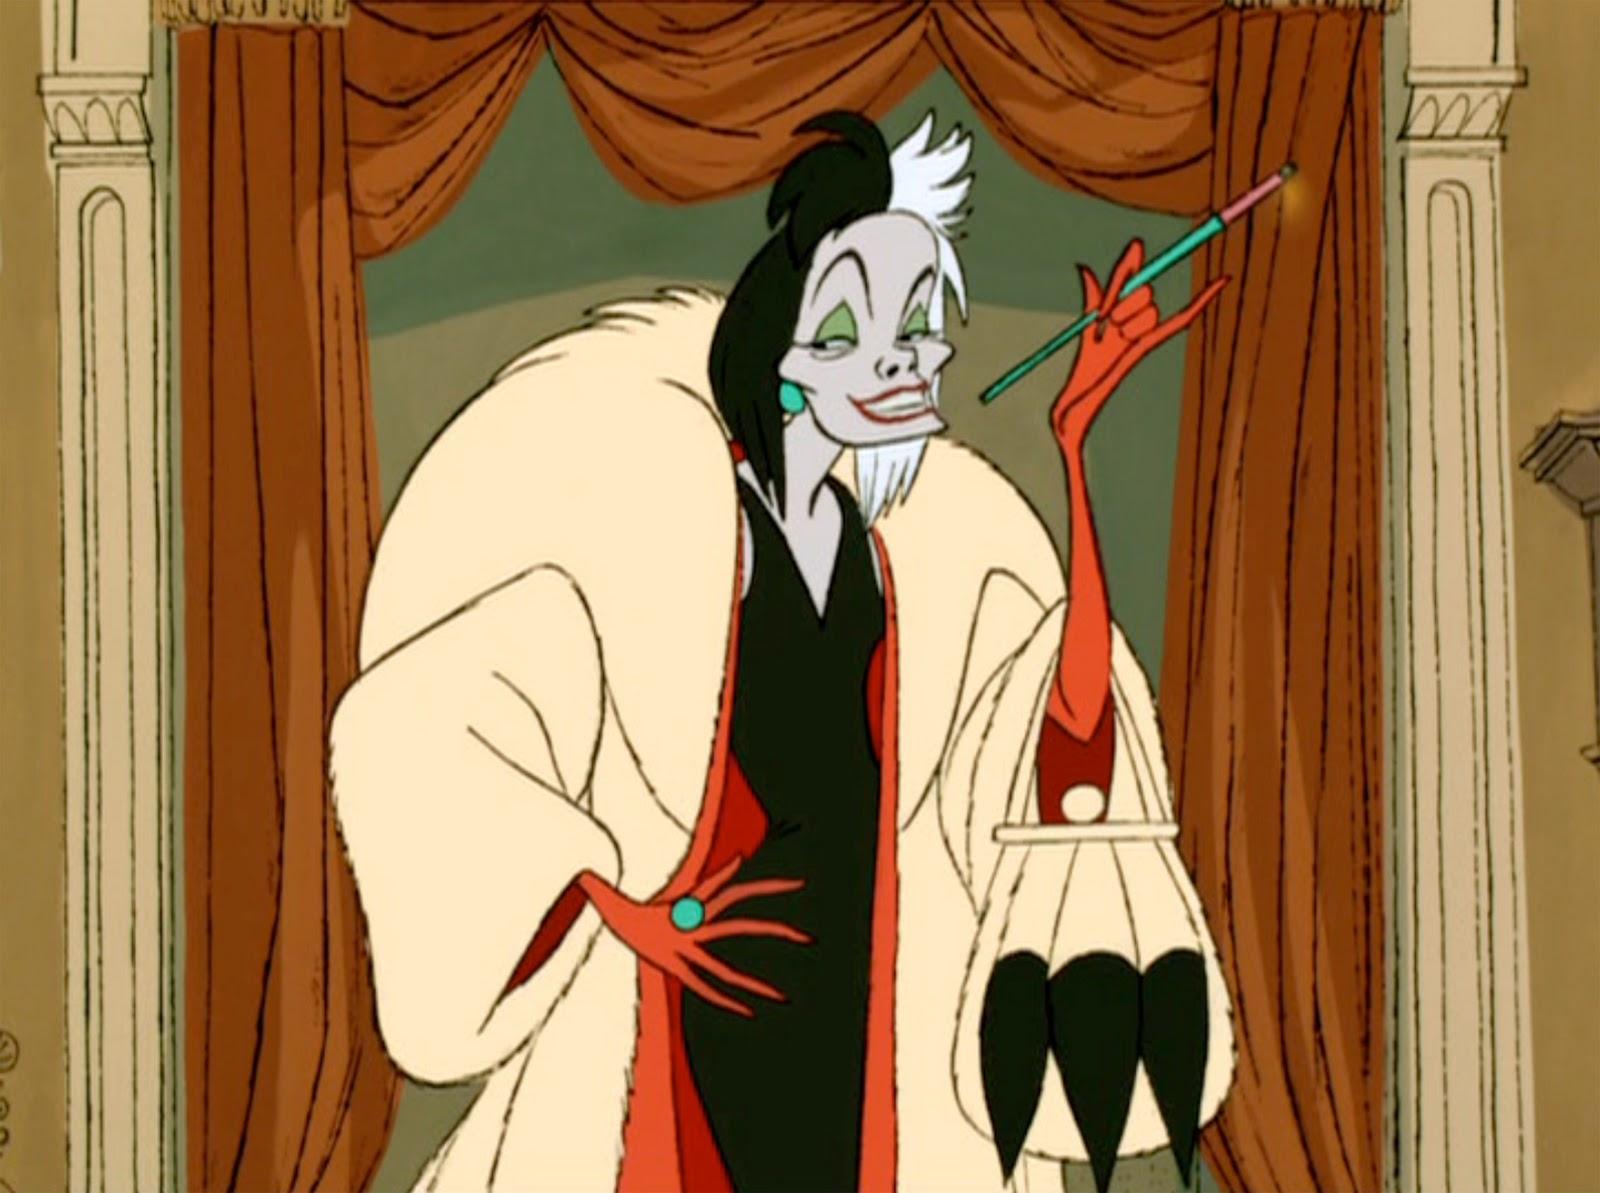 image 101 dalmatians cruella de vil cartoon 5614 jpg descendants